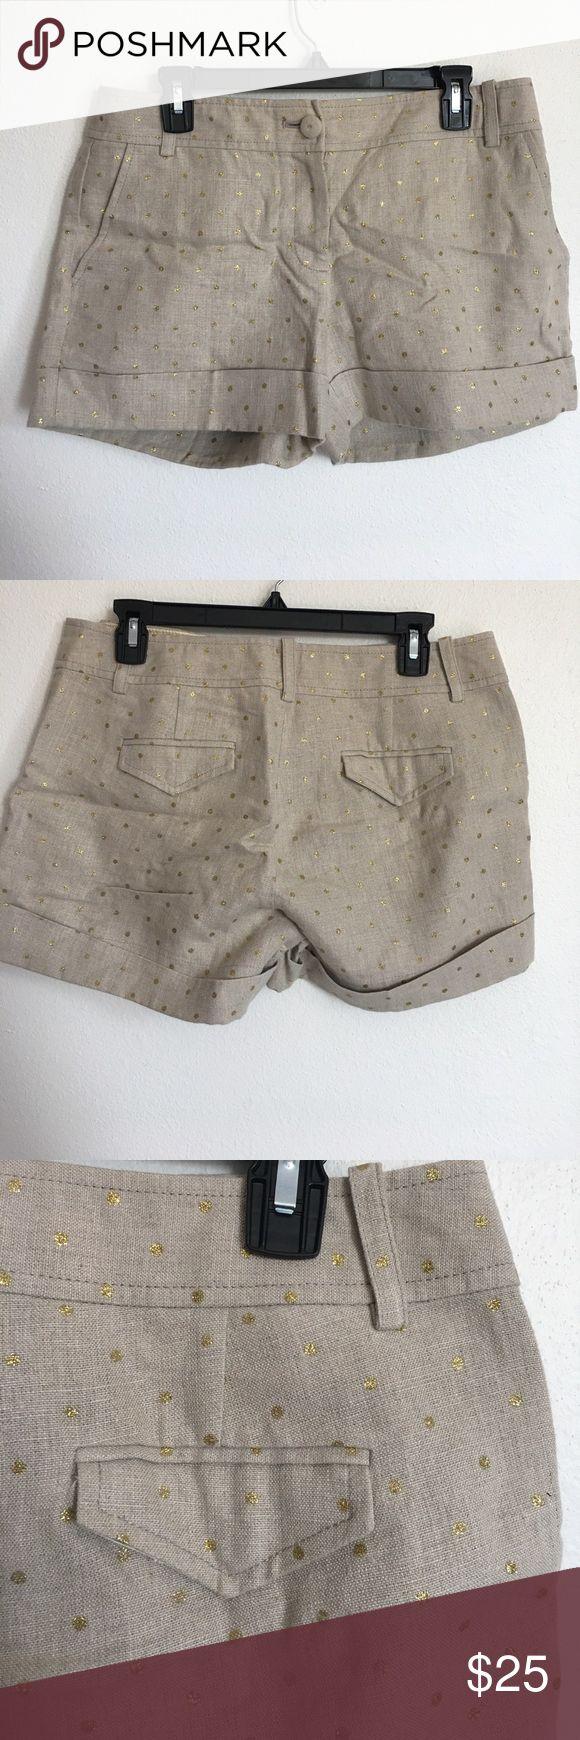 J Crew City Fit gold sparkle shorts J Crew City Fit gold sparkle shorts. J. Crew Shorts